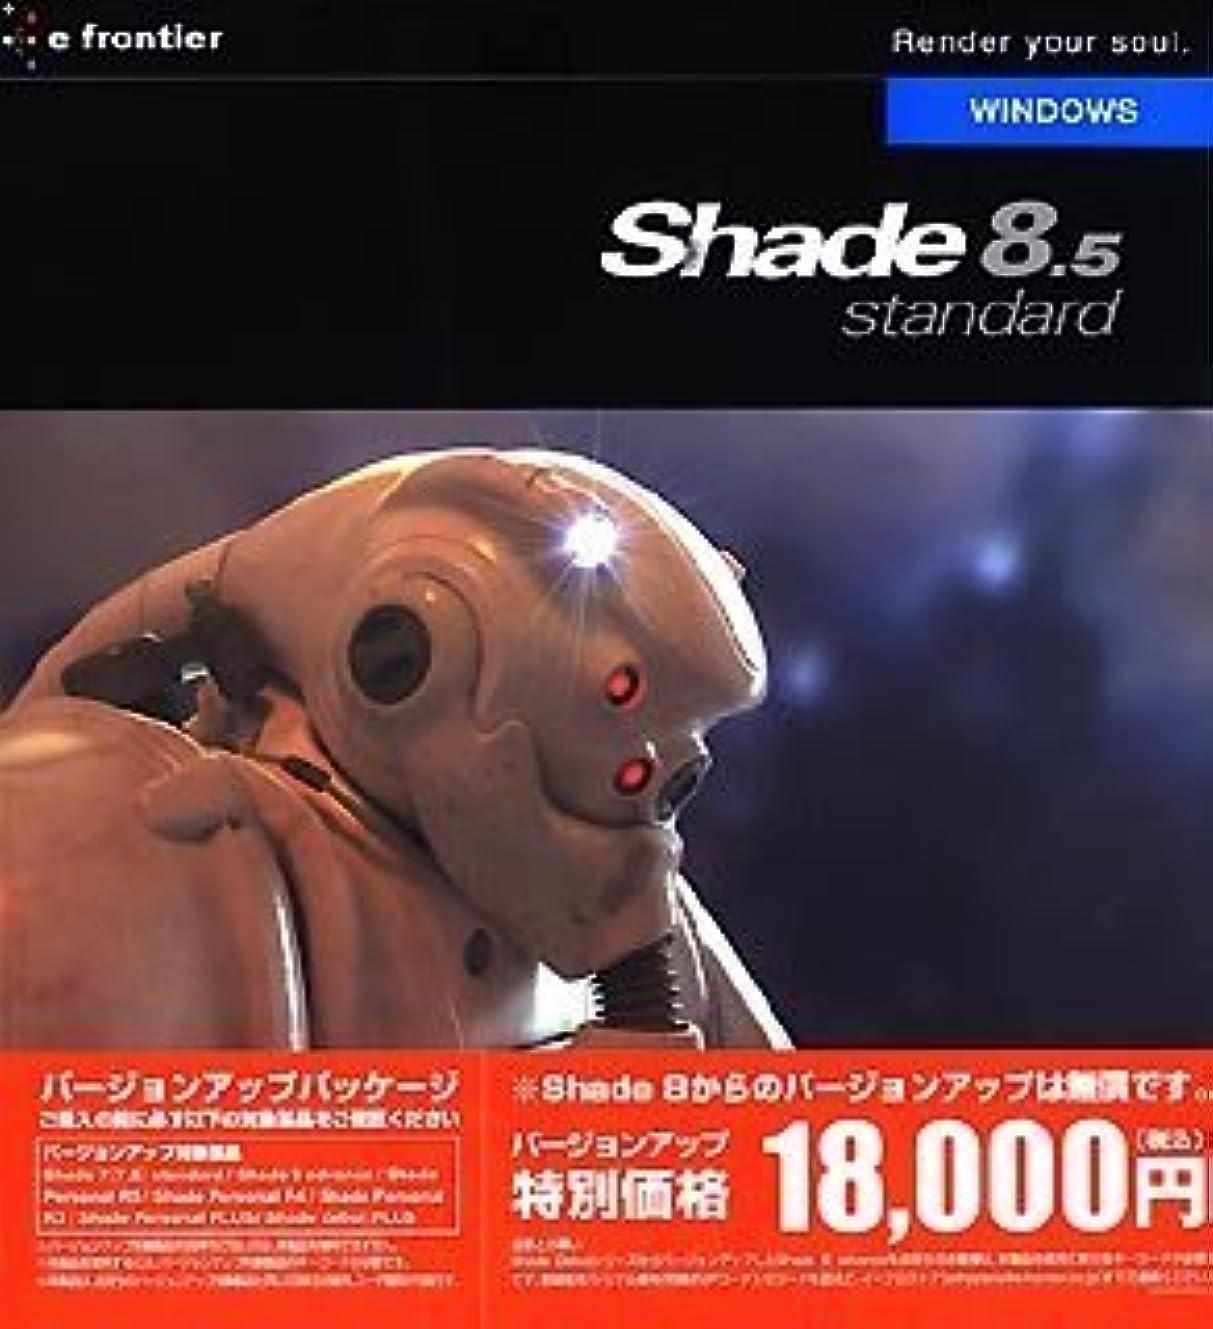 不快ディスコ下向きShade 8.5 standard for Windows バージョンアップ版